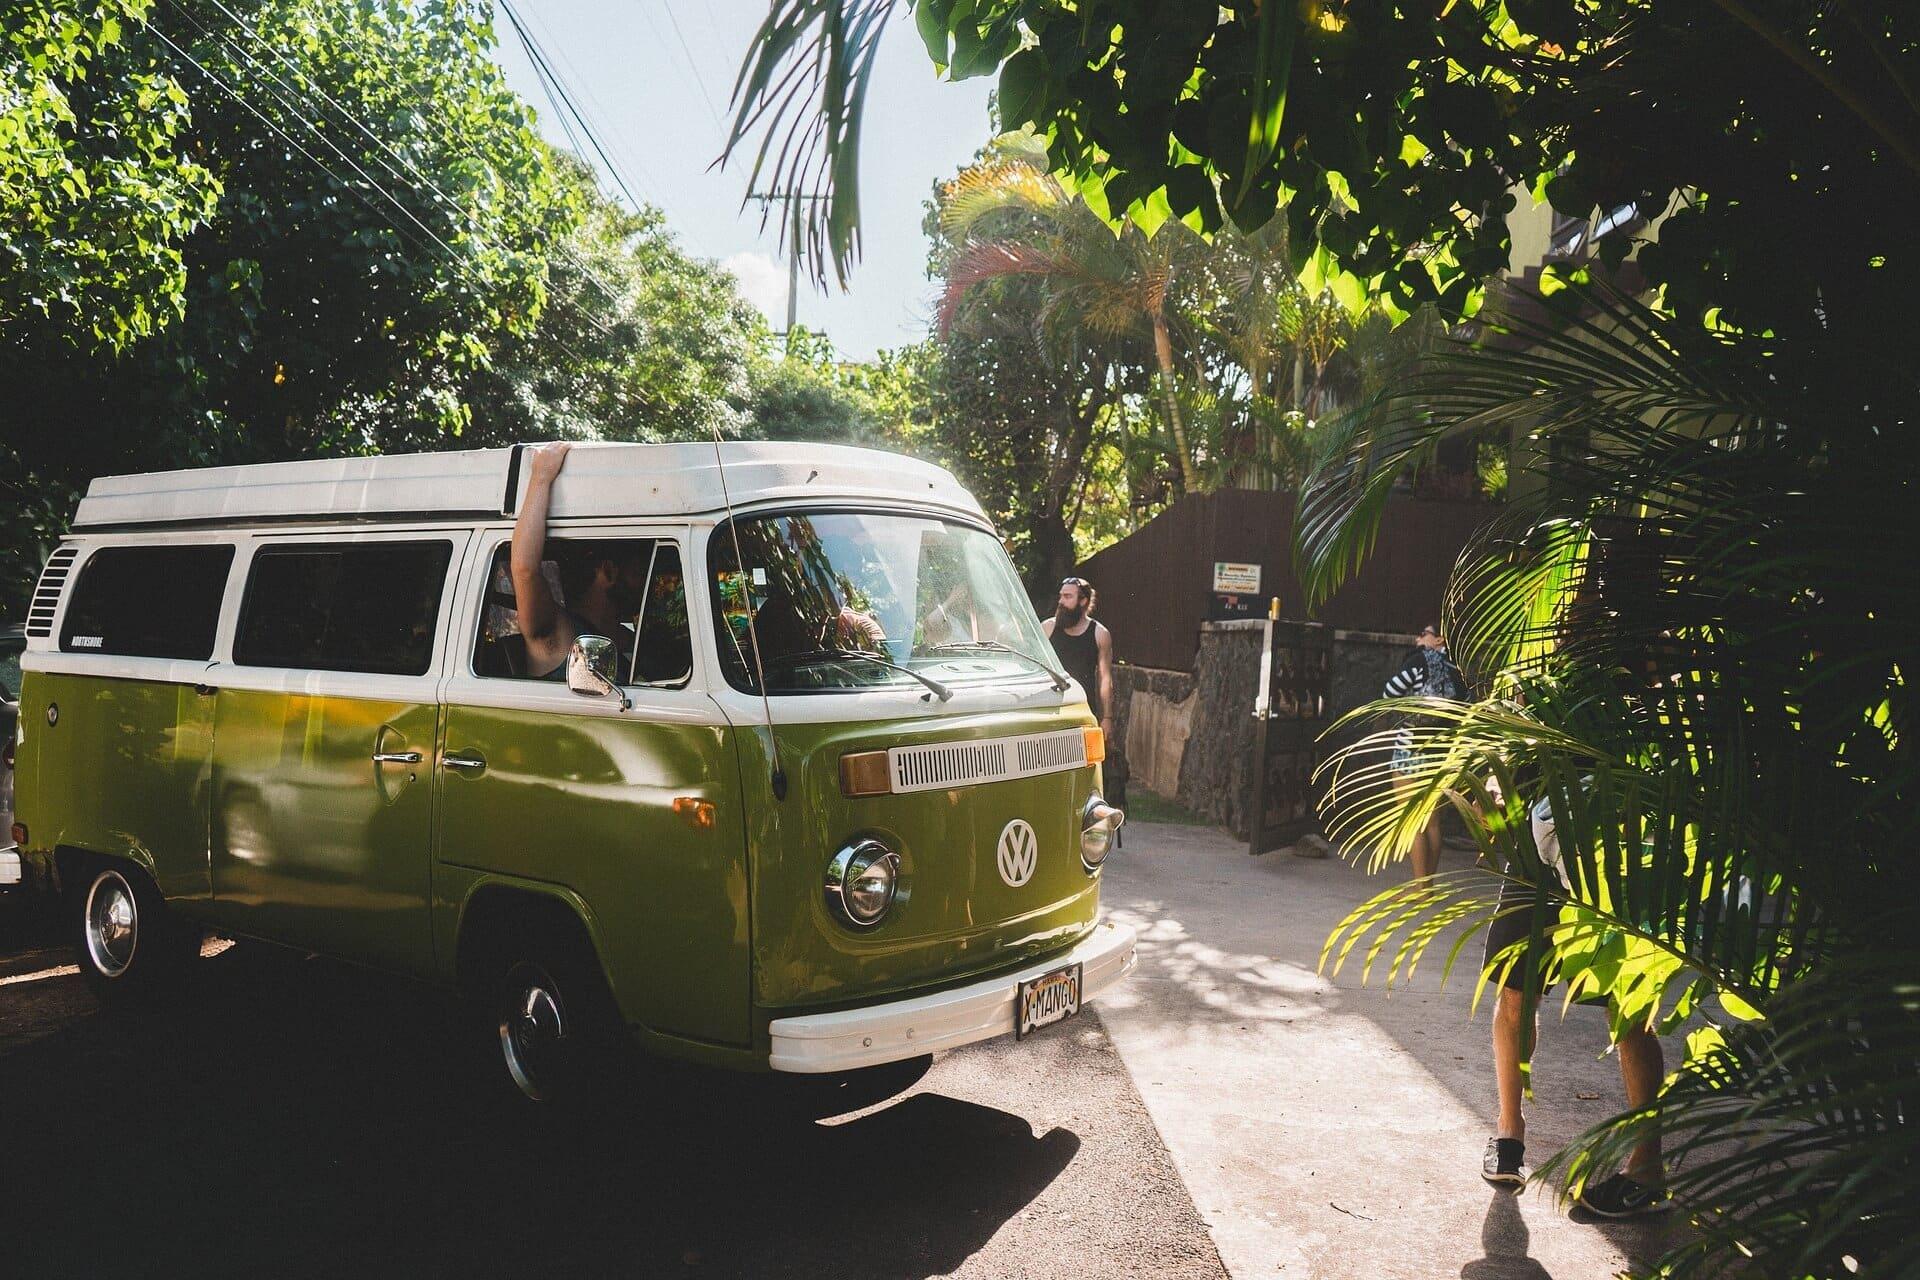 van-soleil-t-le-blog-freed-home-camper-le-blog-des-vans-amnags--freedom-camper